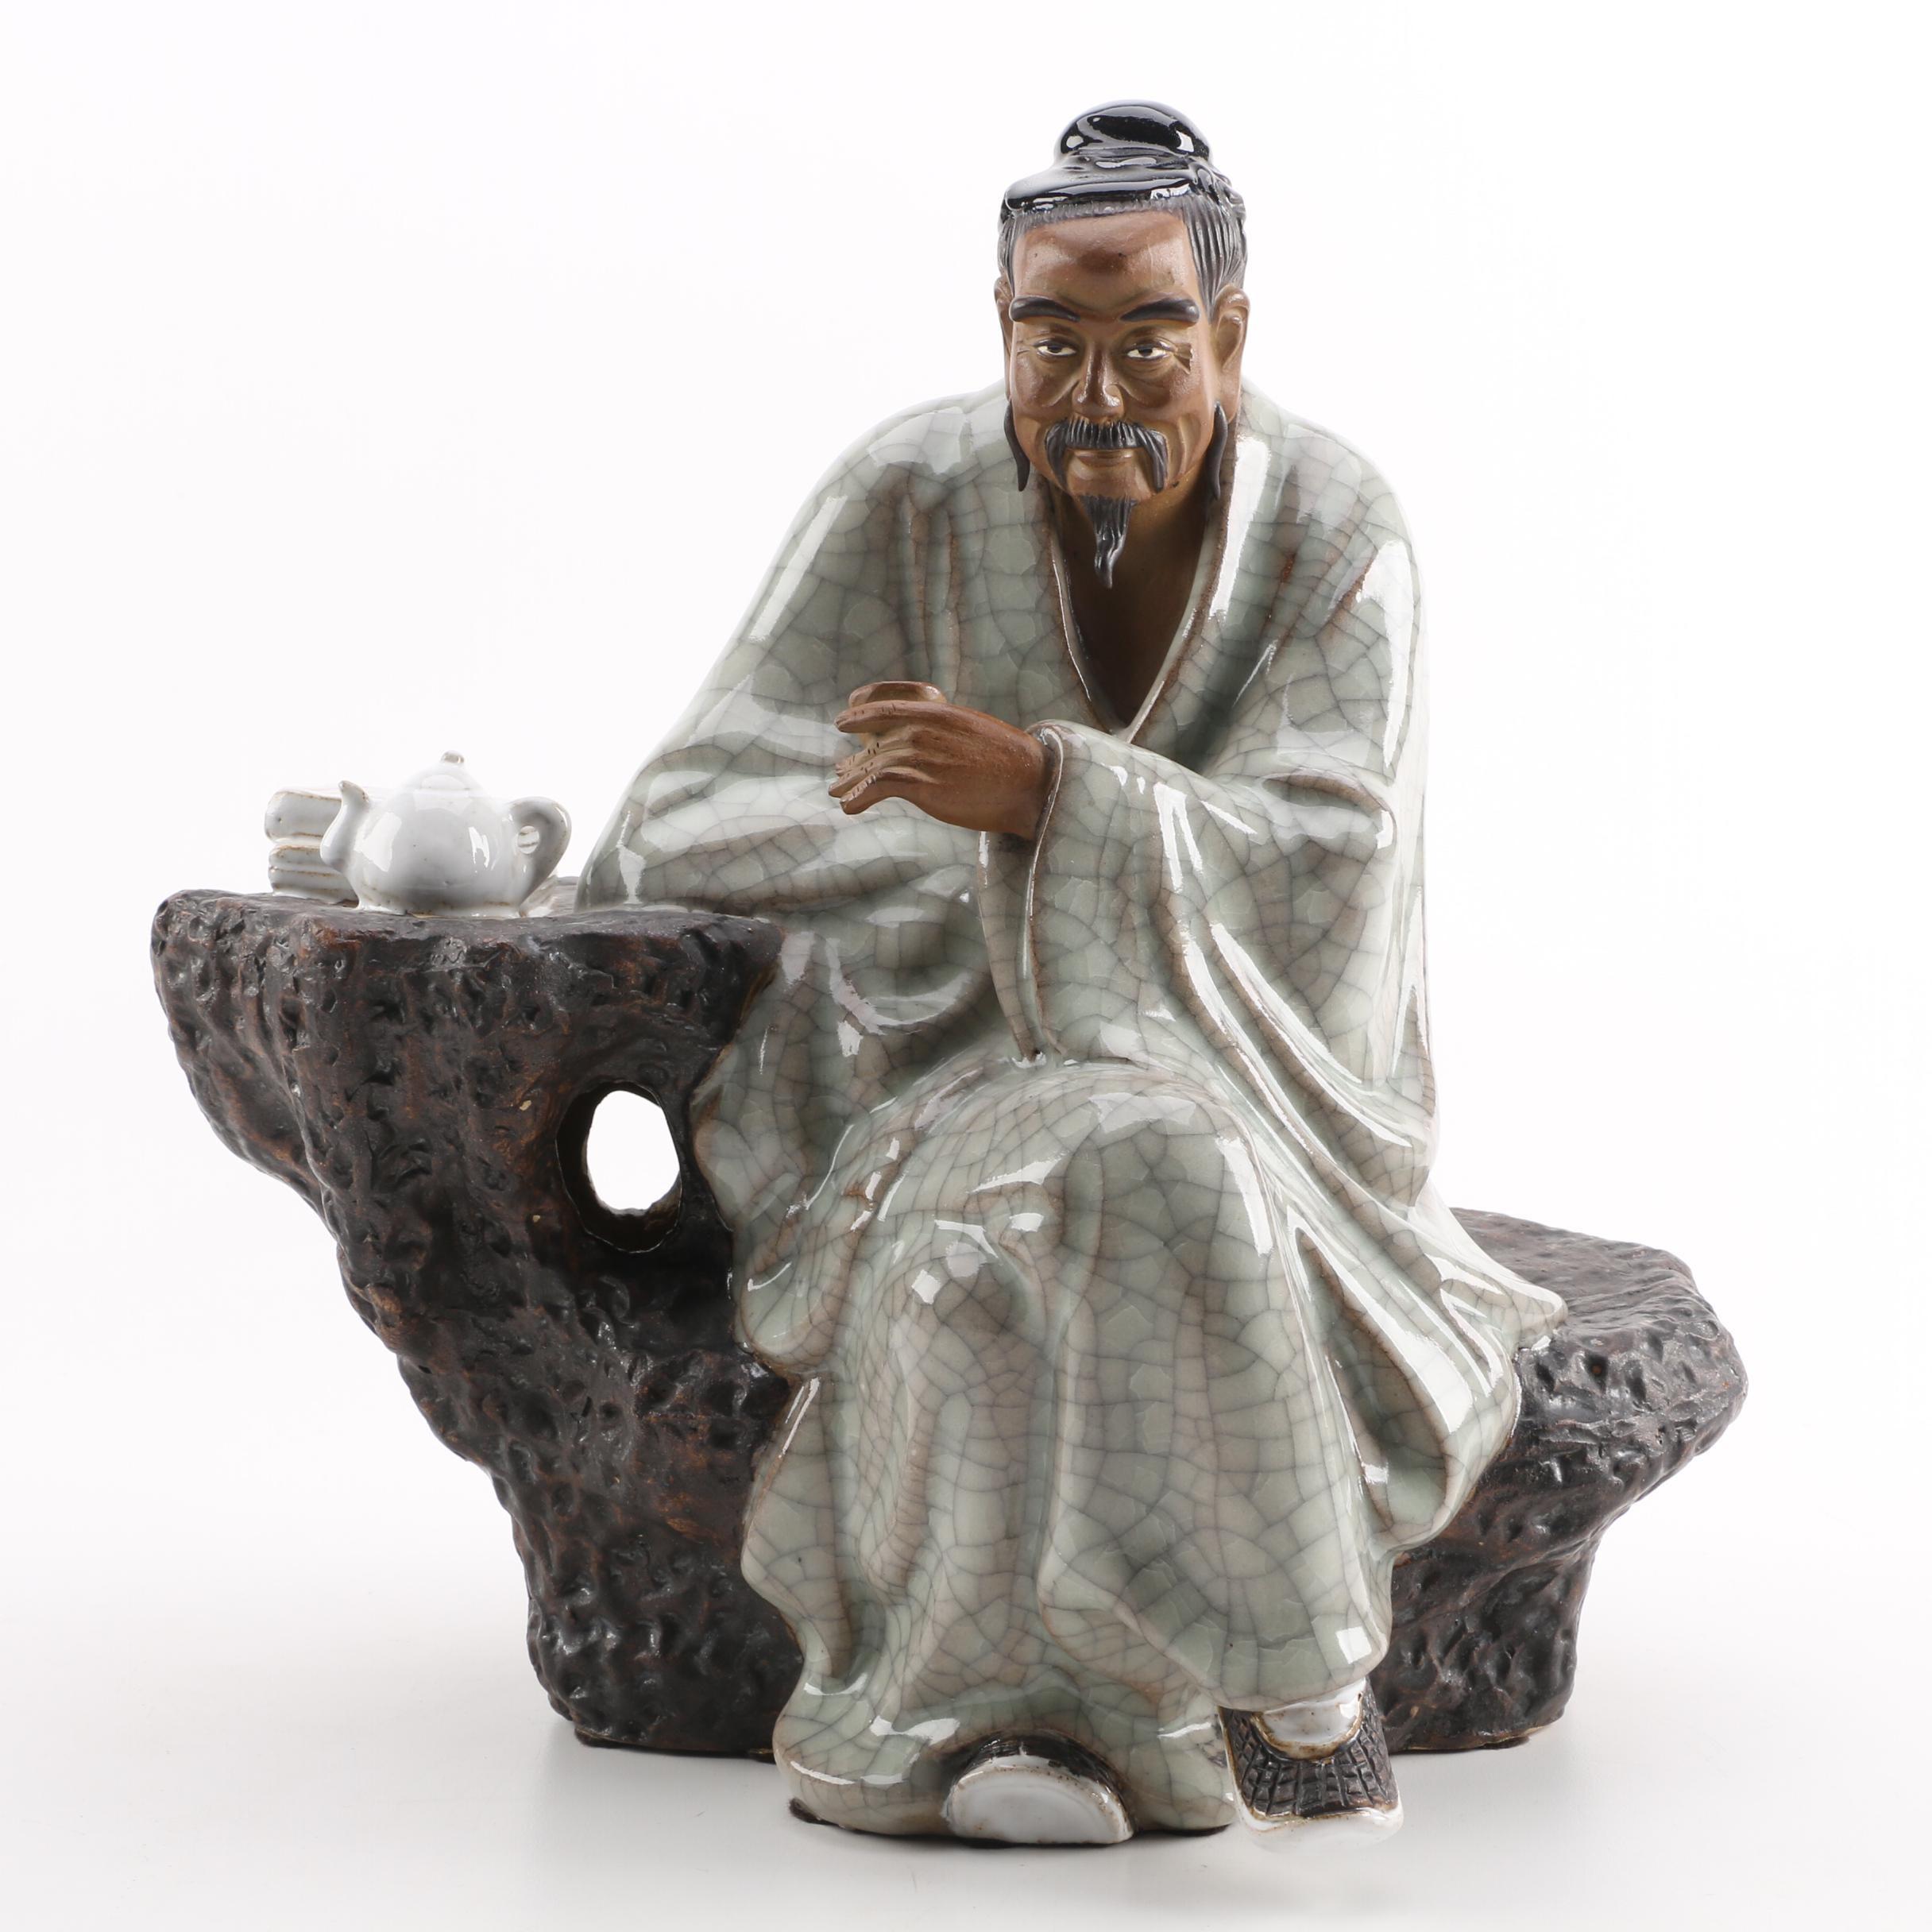 Chinese Seated Ceramic Figurine